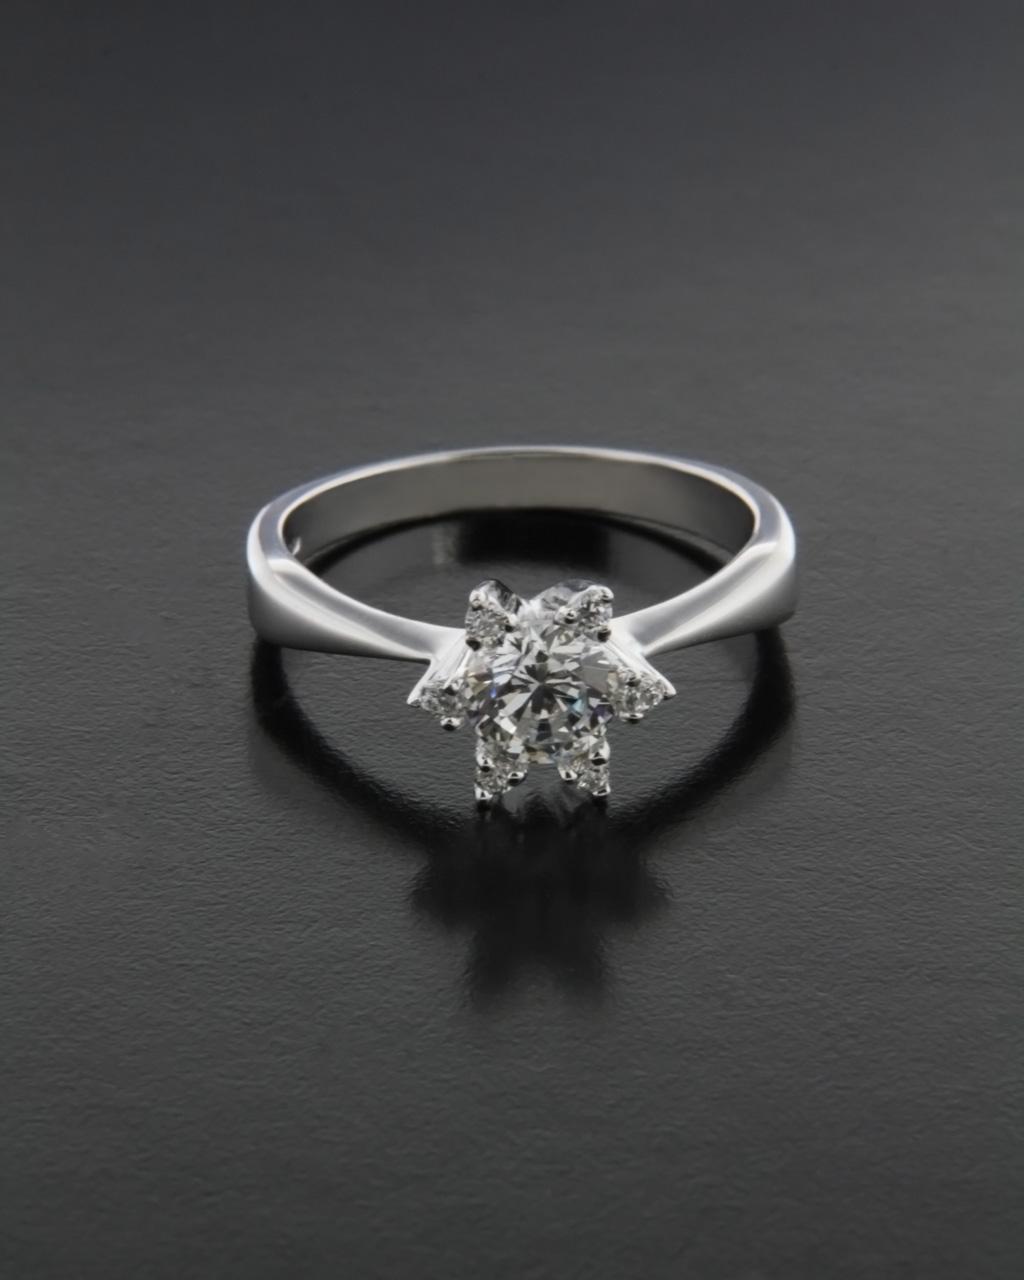 Μονόπετρο δαχτυλίδι ασημένιο 925 με Ζιργκόν   γαμοσ μονόπετρα μονοπετρα με ζιργκόν